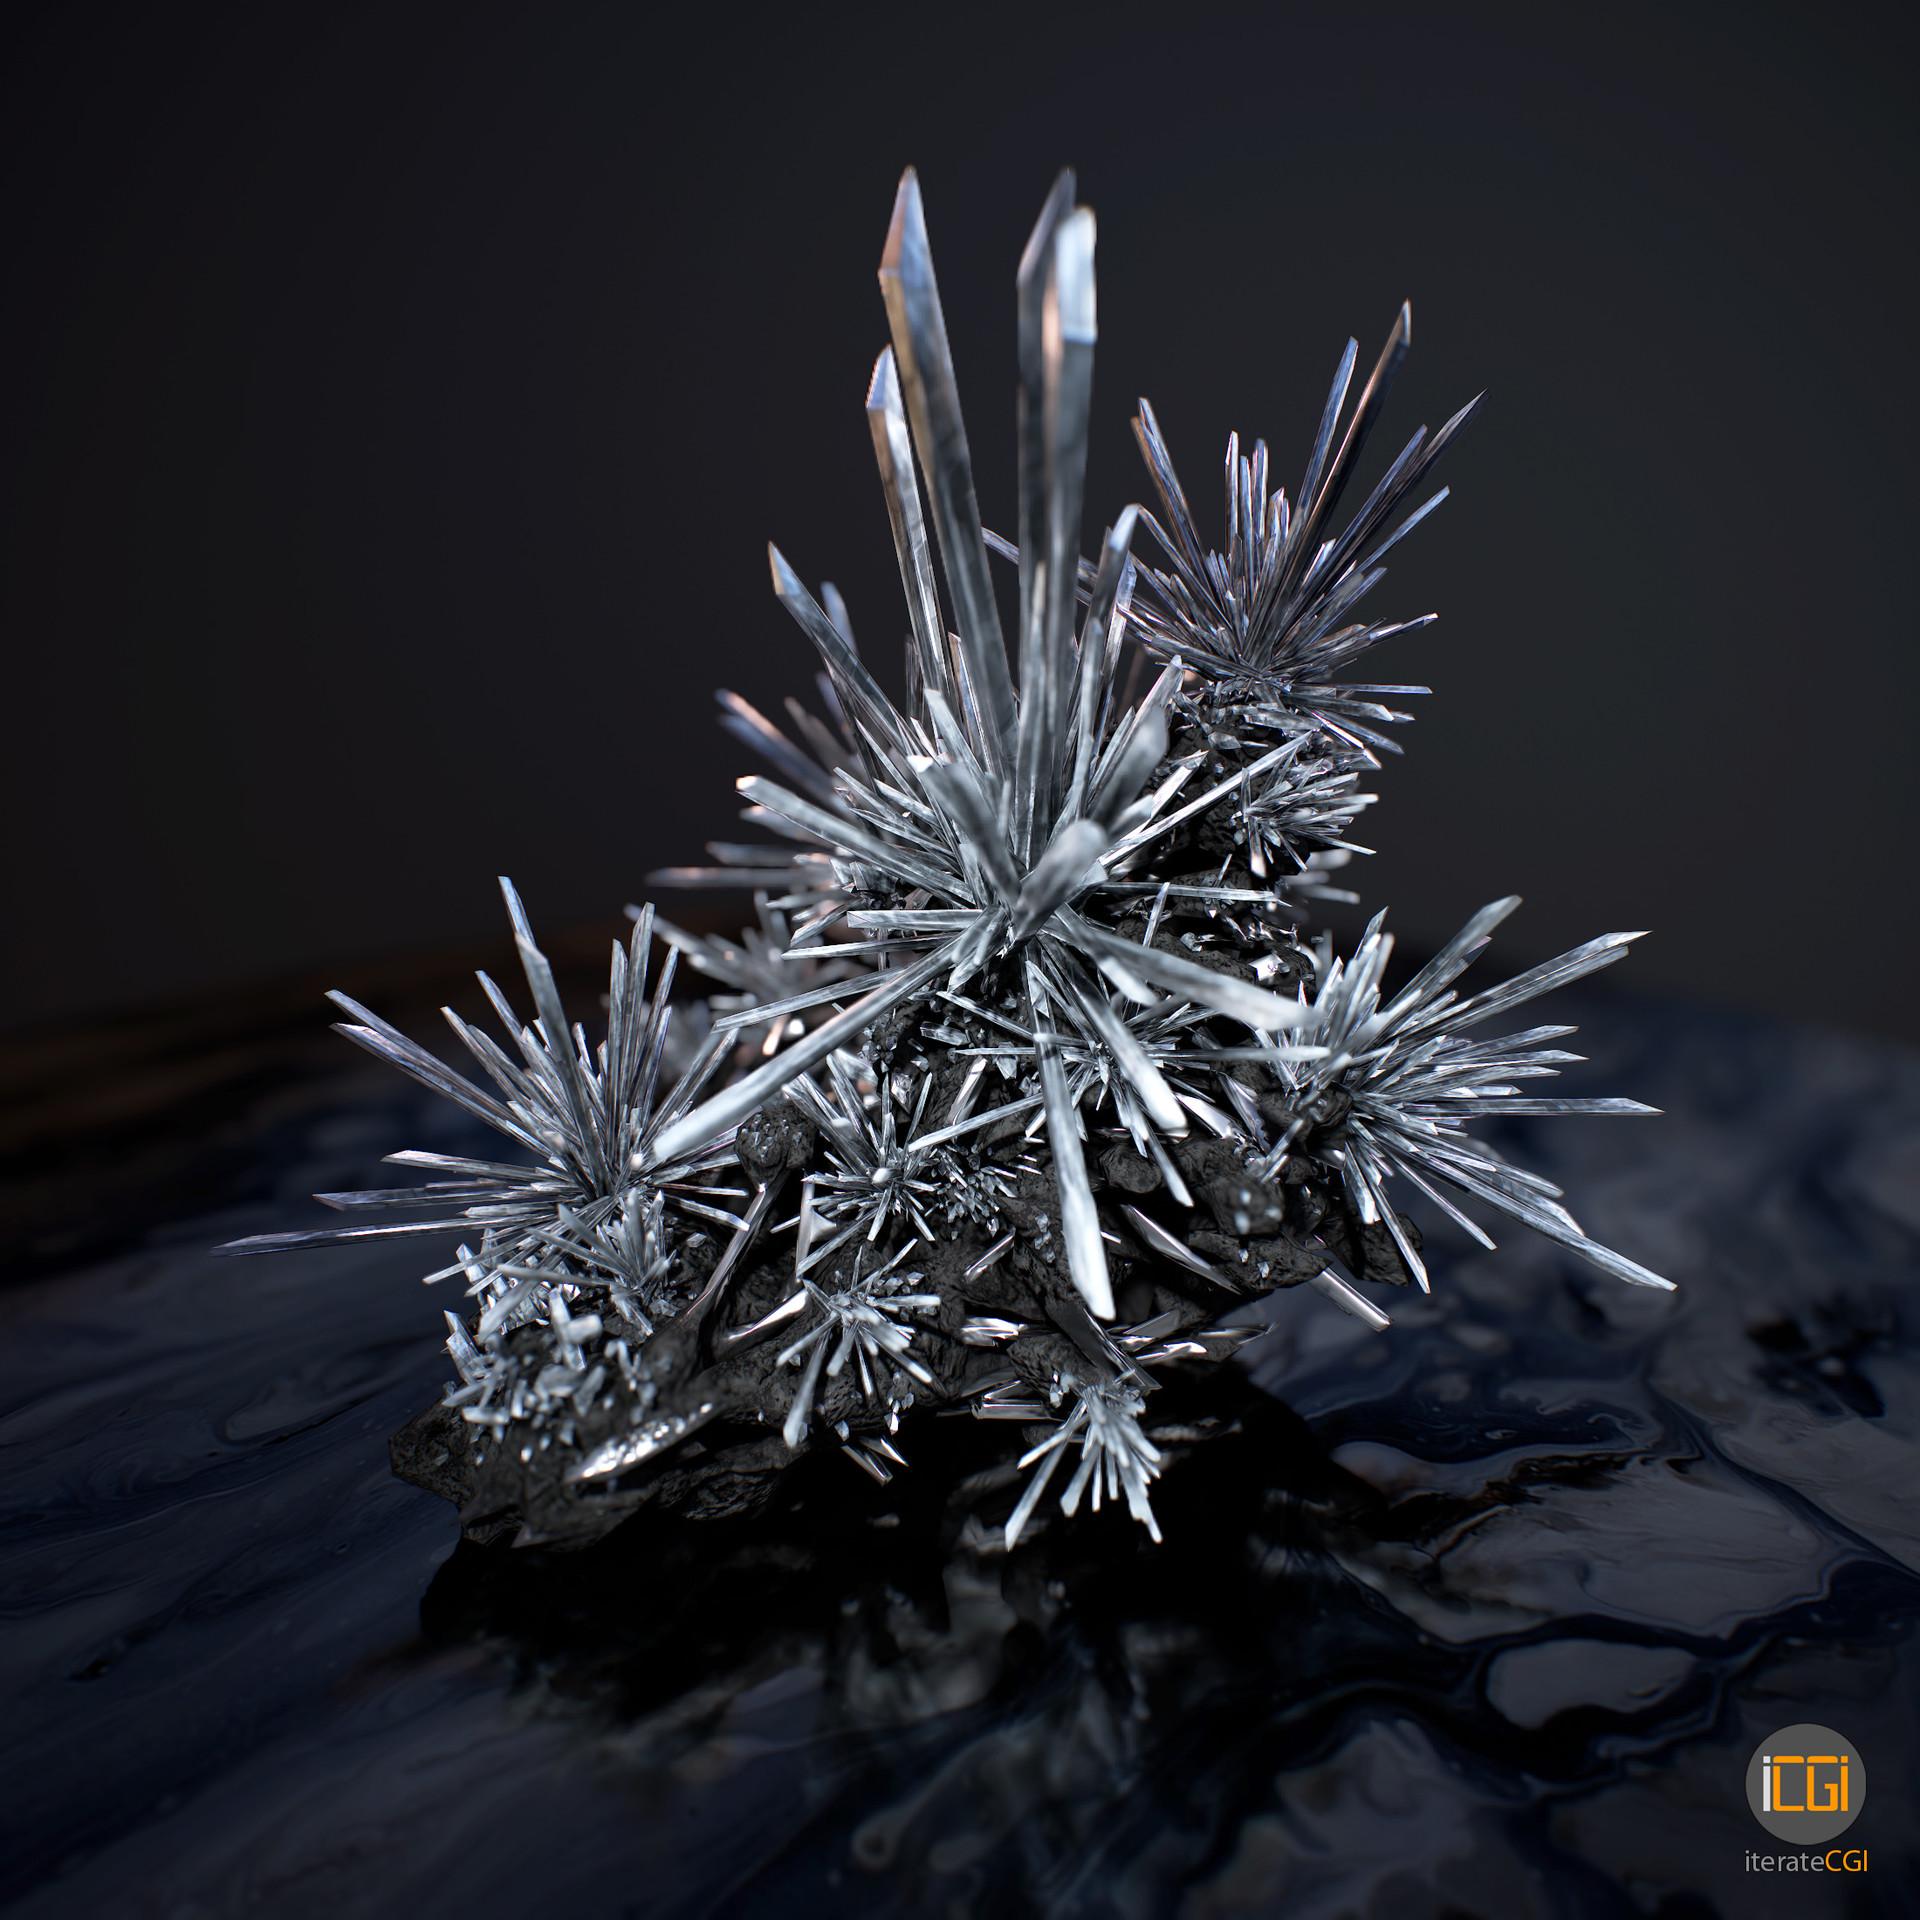 Johan de leenheer 3d cristals preview1